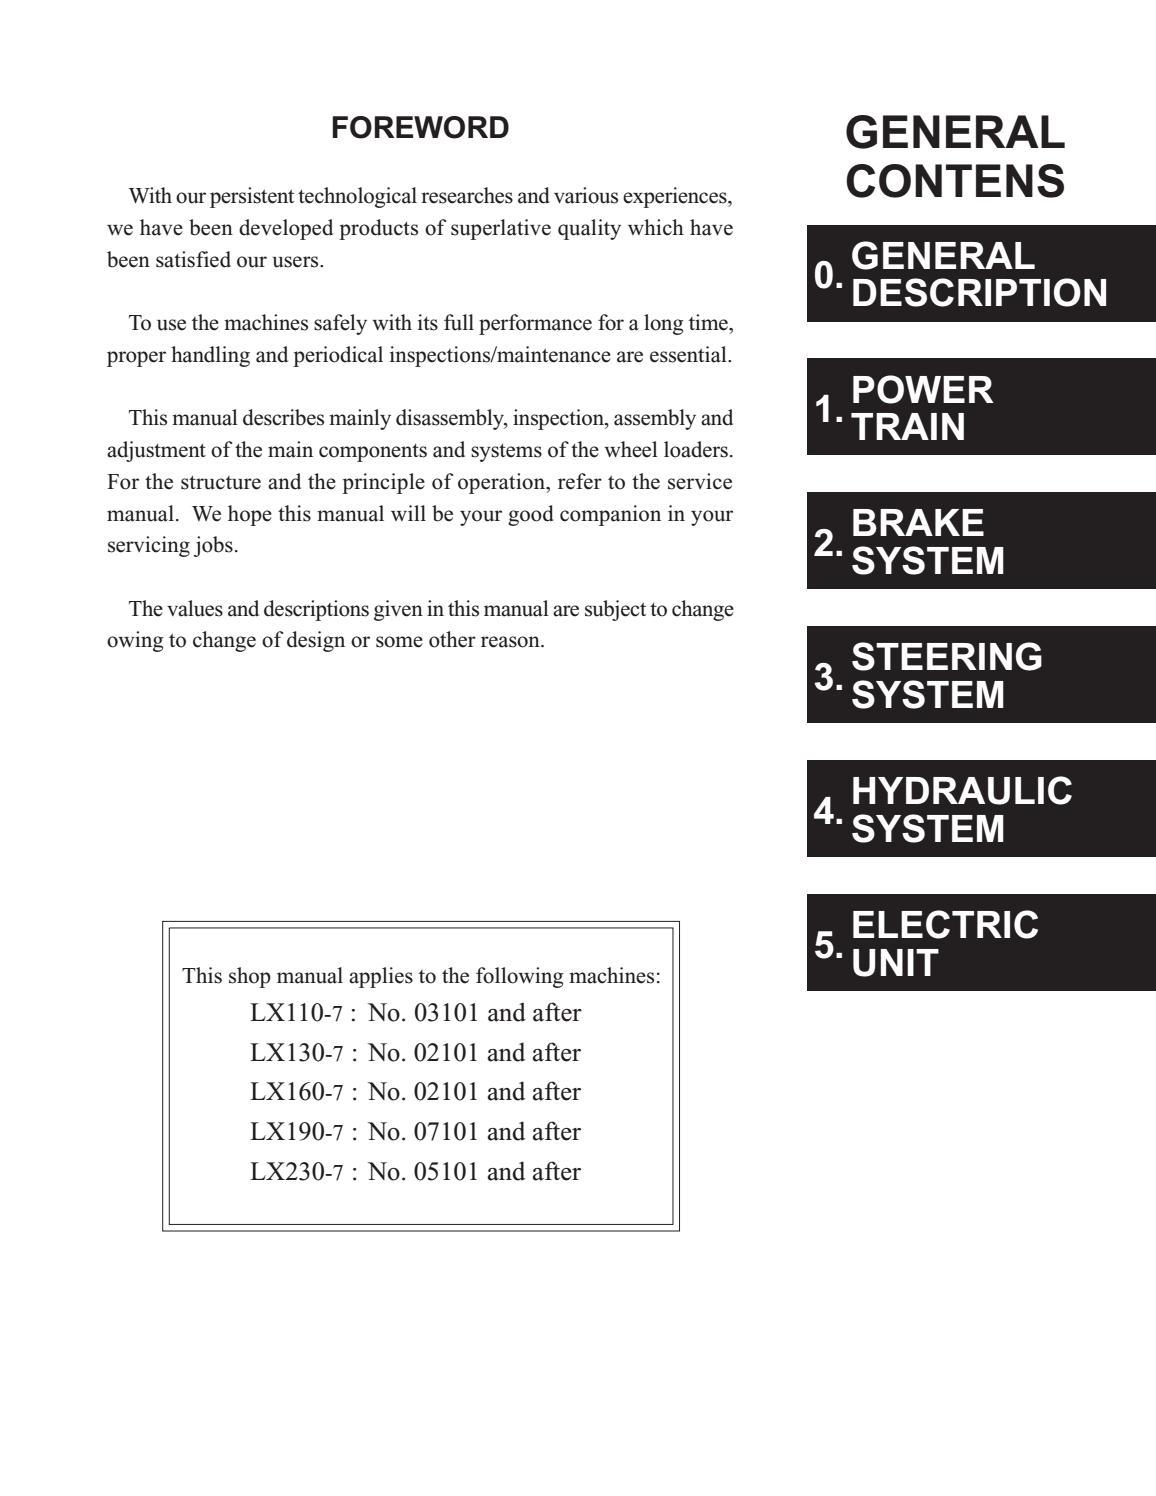 Hitachi LX110-7 LX130-7 LX160-7 LX190-7 LX230-7 Wheel Loader Workshop Manual - PDF DOWNLOAD page 5